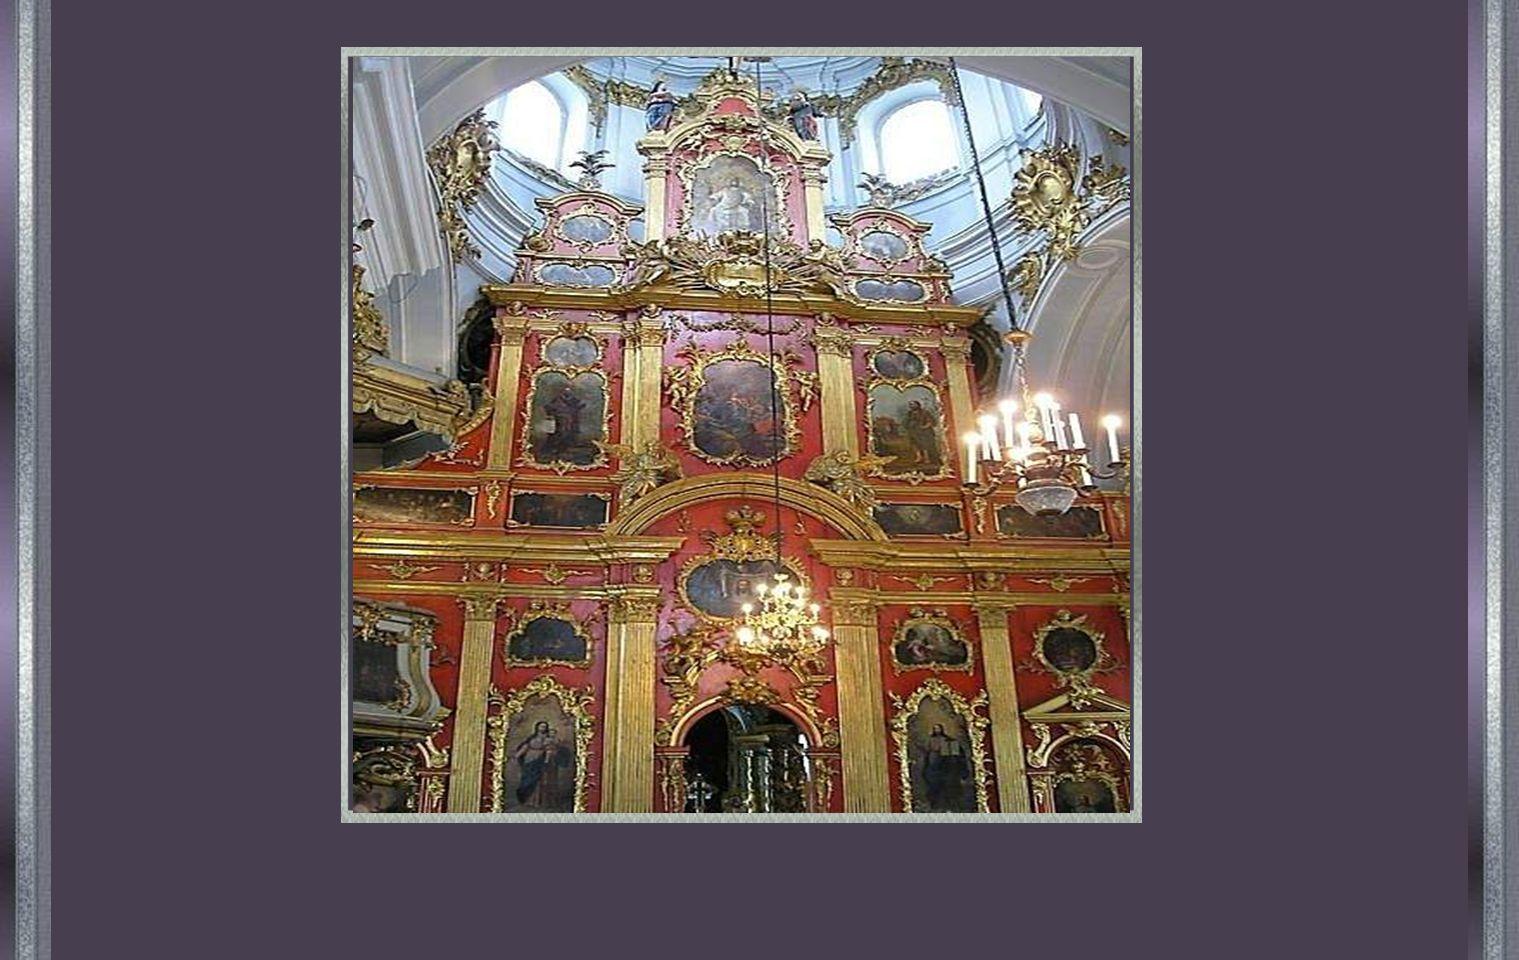 KIEV RUSIA - Iglesia de San Andrés KIEV RUSSIA.- Church of St Andrew